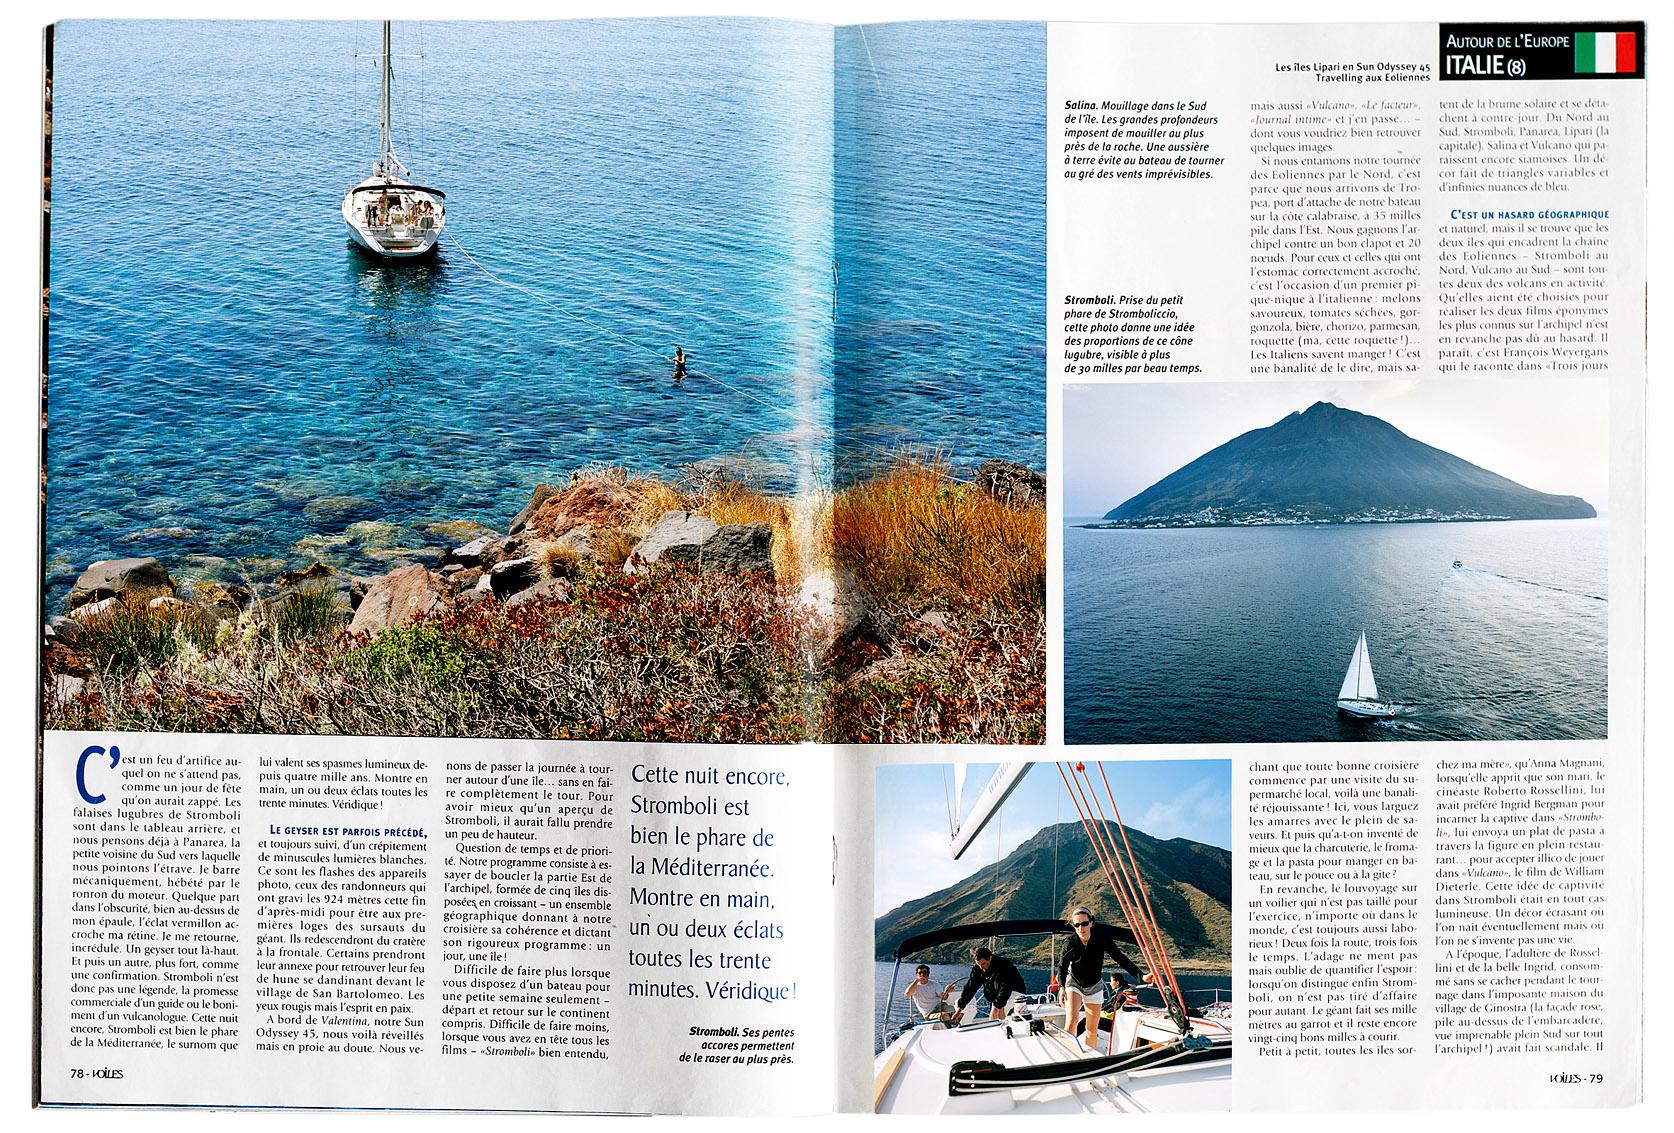 Croisière aux îles Eoliennes, Voiles et Voiliers